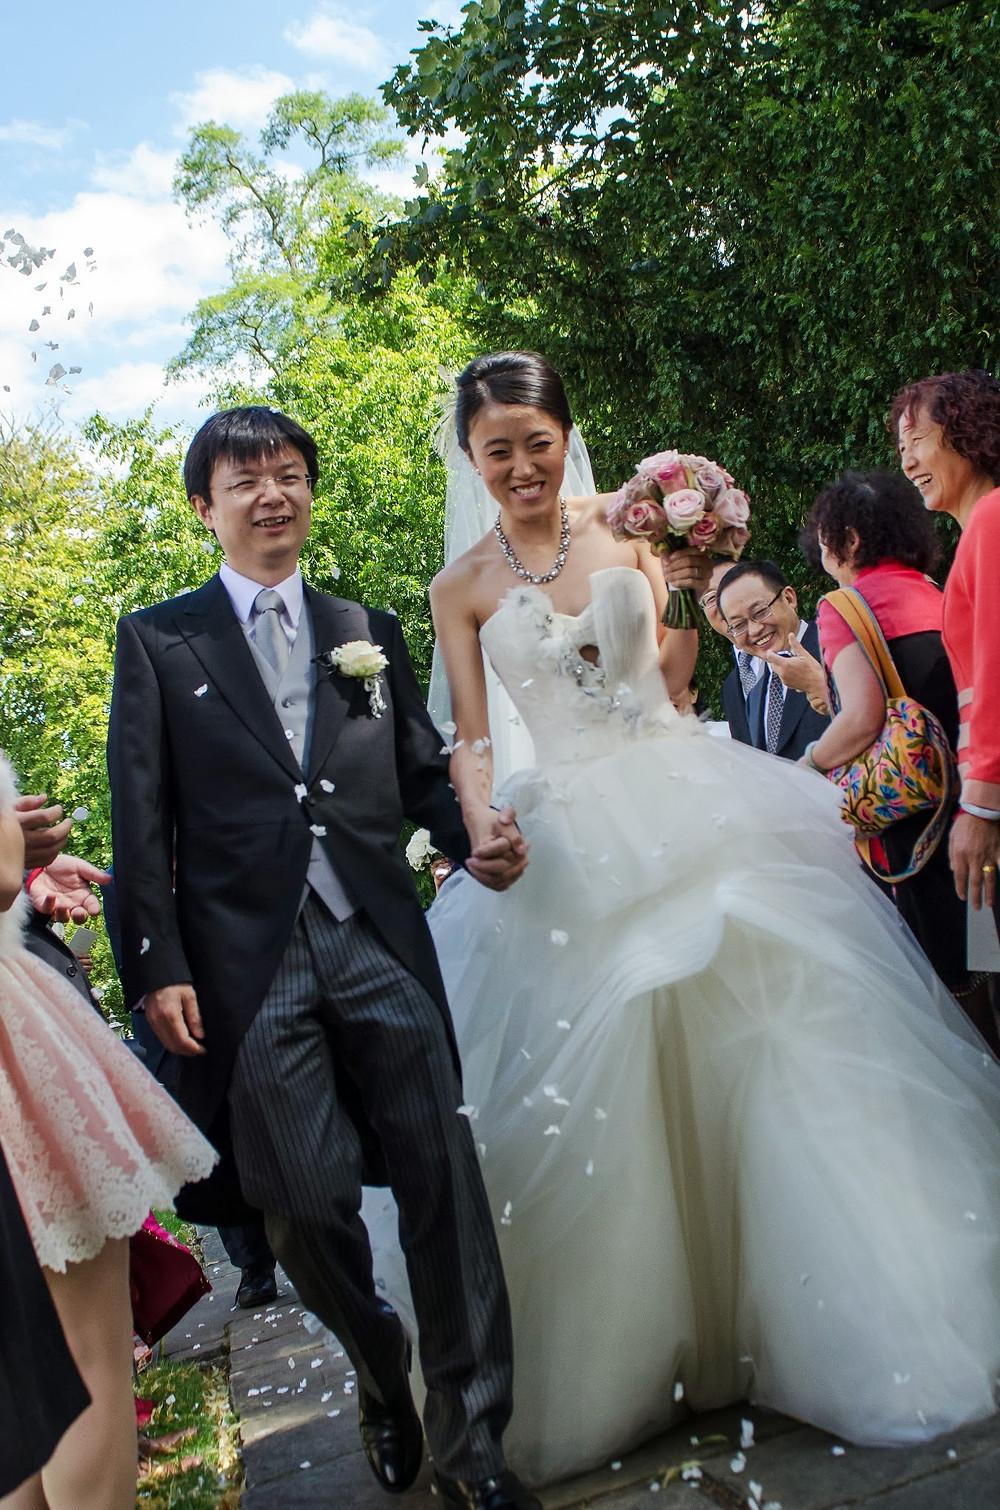 unforgettable wedding photographs